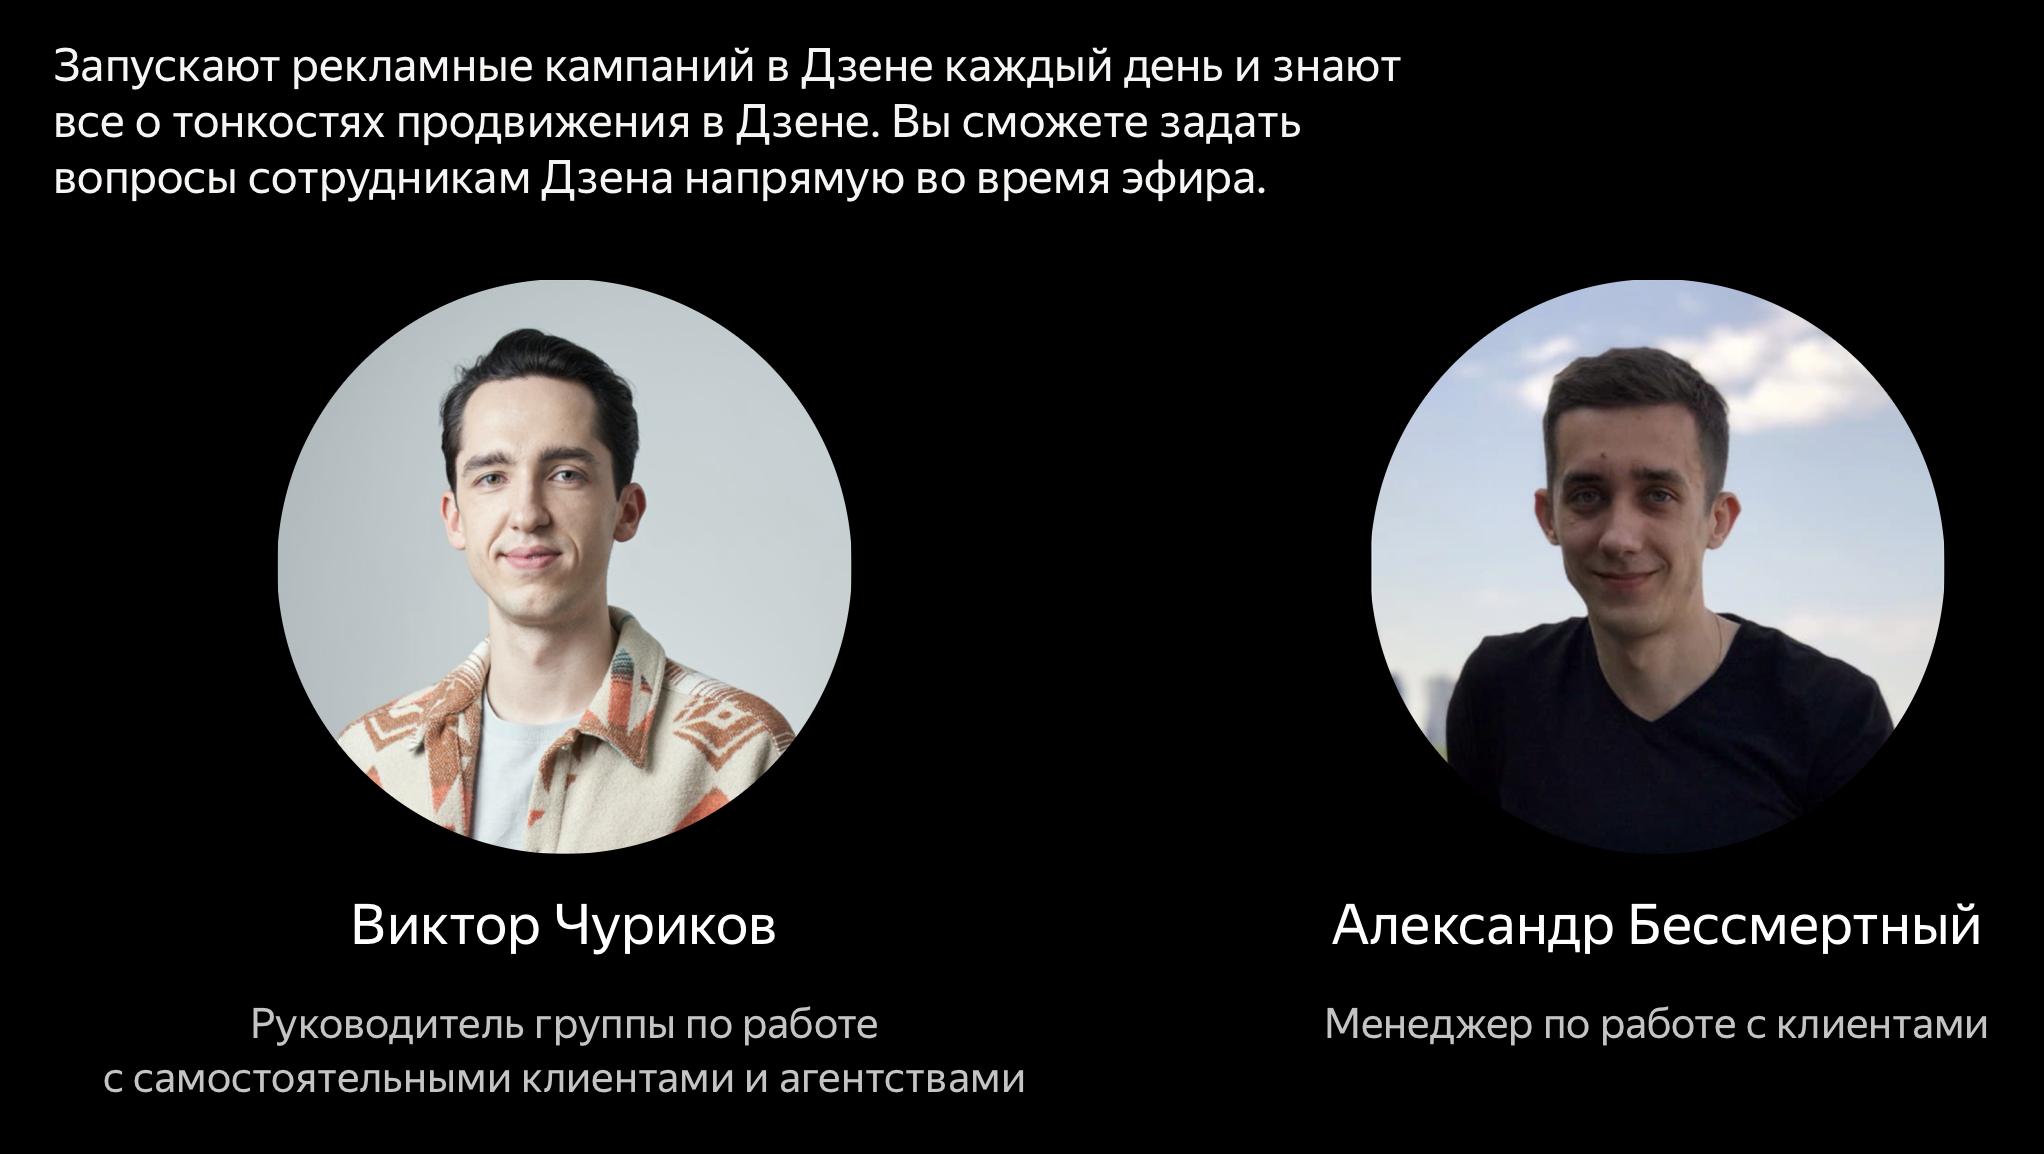 Яндекс.Дзен проведет серию вебинаров «Легкий и эффективный старт»